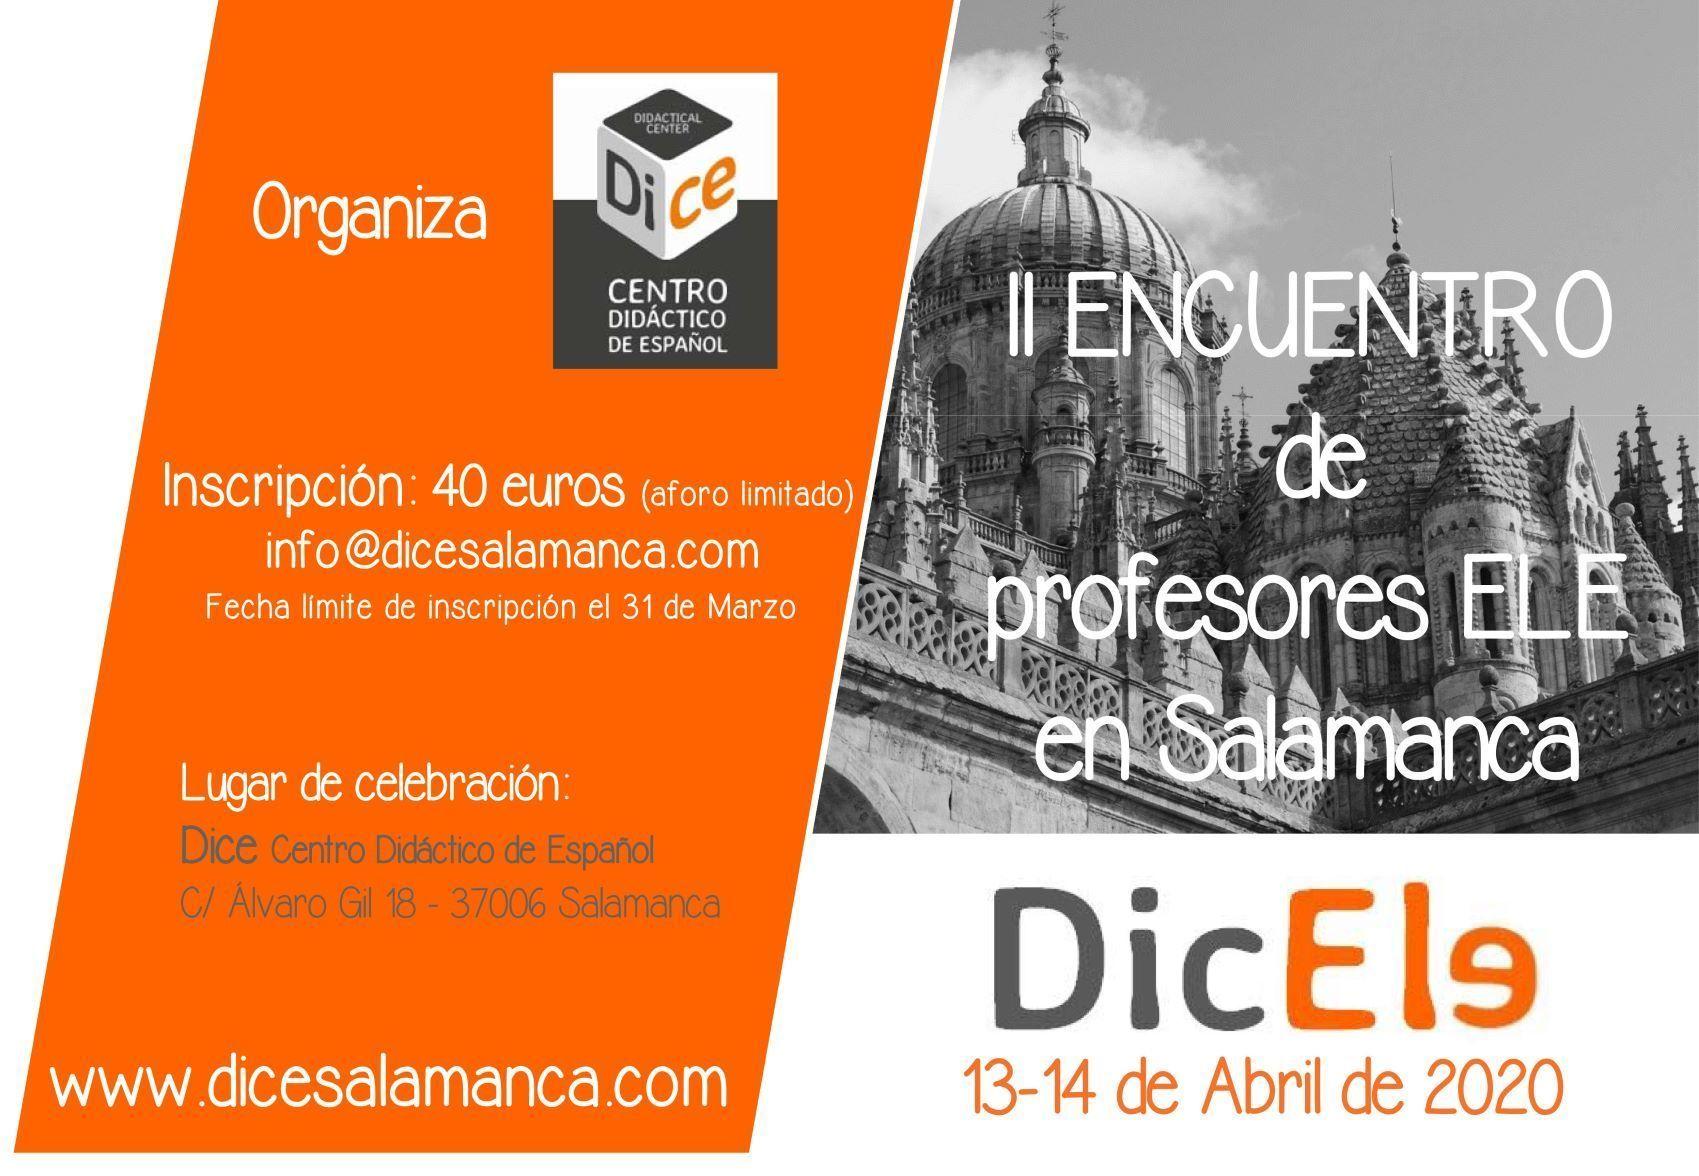 Evento de DICE Salamanca para profesores